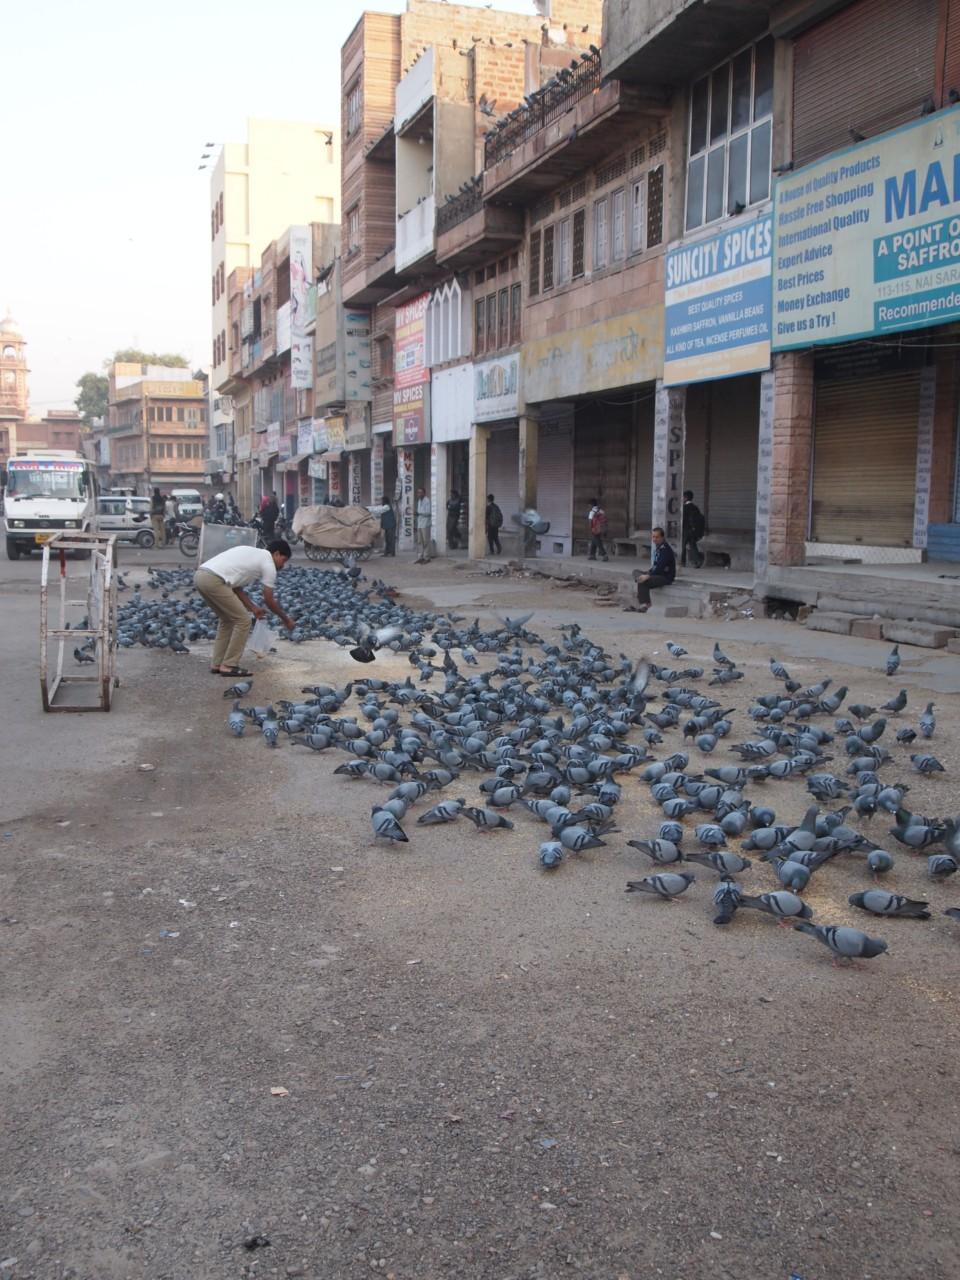 Viele Tauben überall